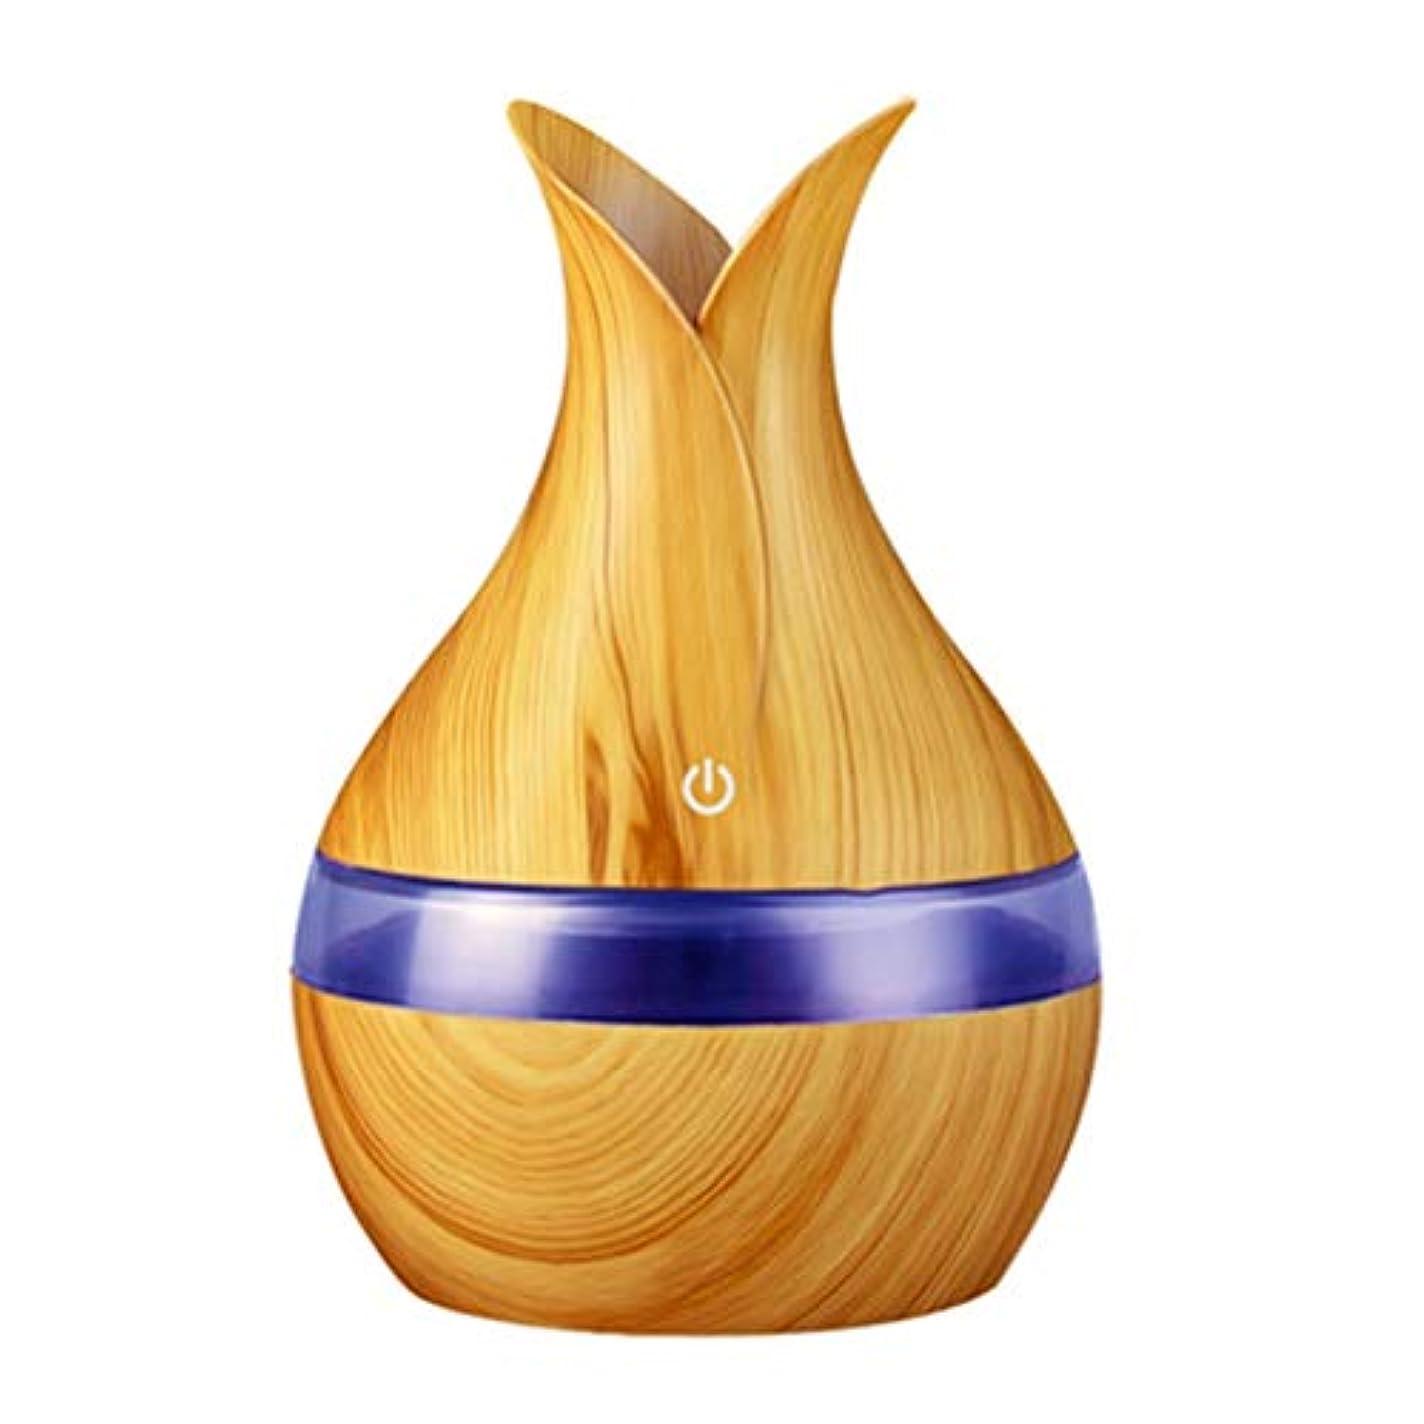 苦情文句サービスはい300ミリリットル超音波クールミスト加湿器カラーLEDライト付き自宅、ヨガ、オフィス、スパ、寝室、ベビールームの拡散器 - 木目調子 (Color : Light wood grain, Size : 165mm*110mm)